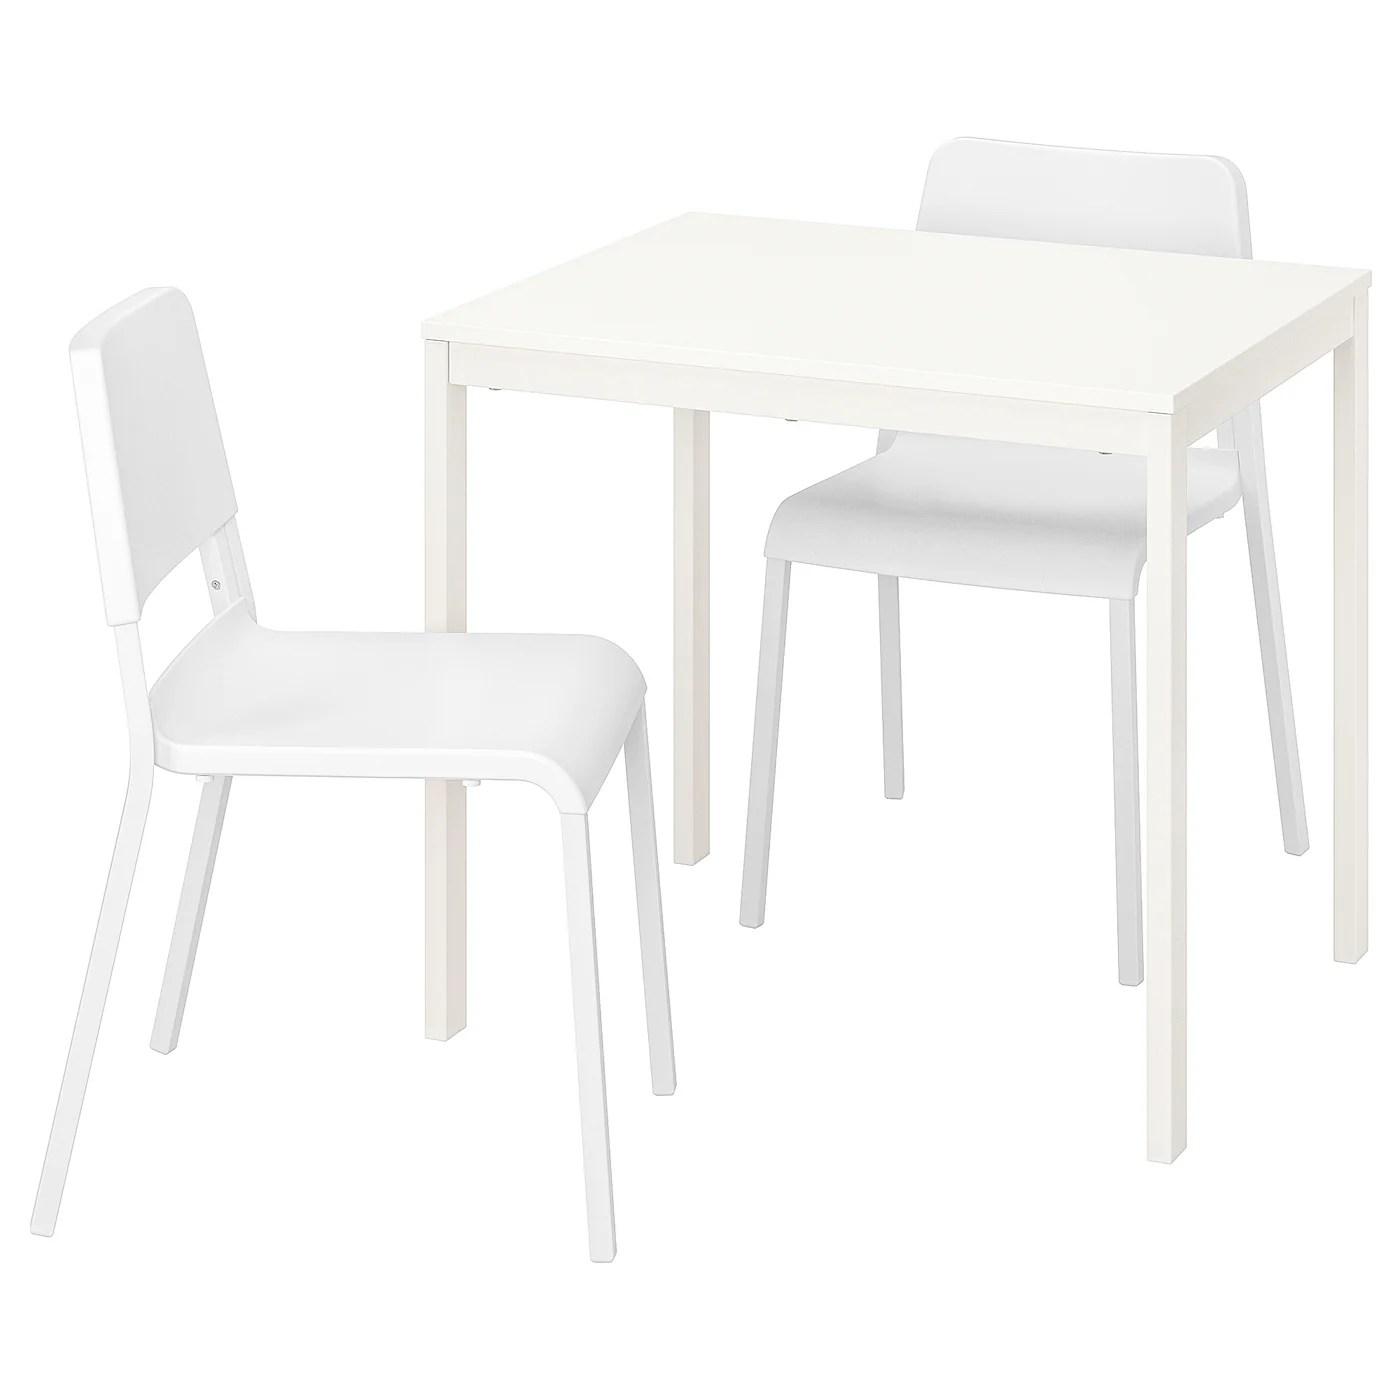 table et chaise 2 personnes ikea